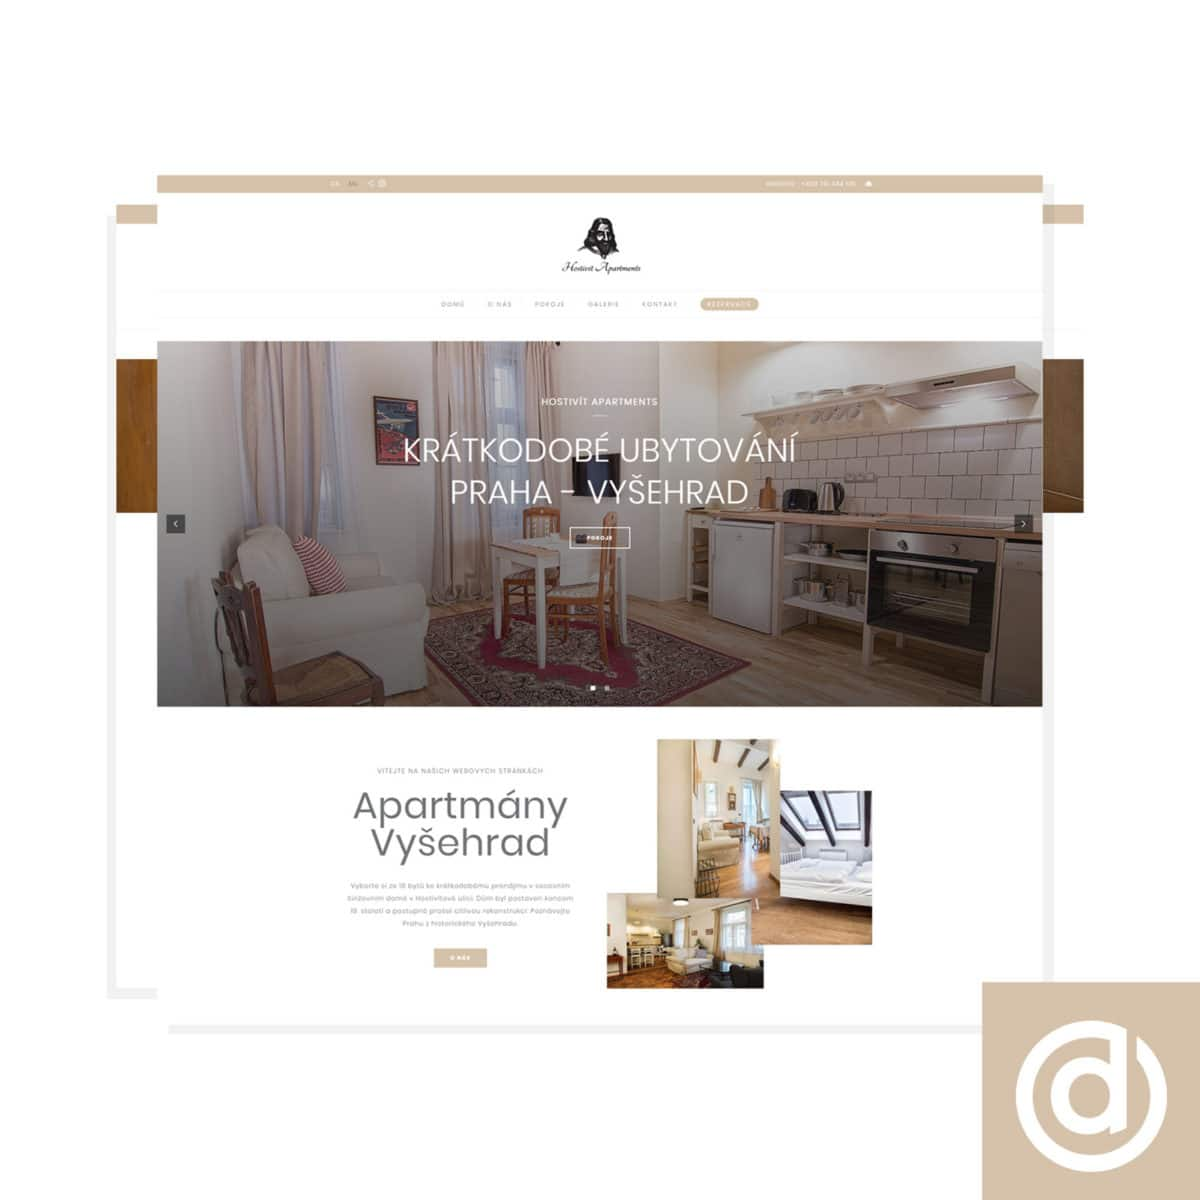 Tvorba webových stránek Hostivít Apartments